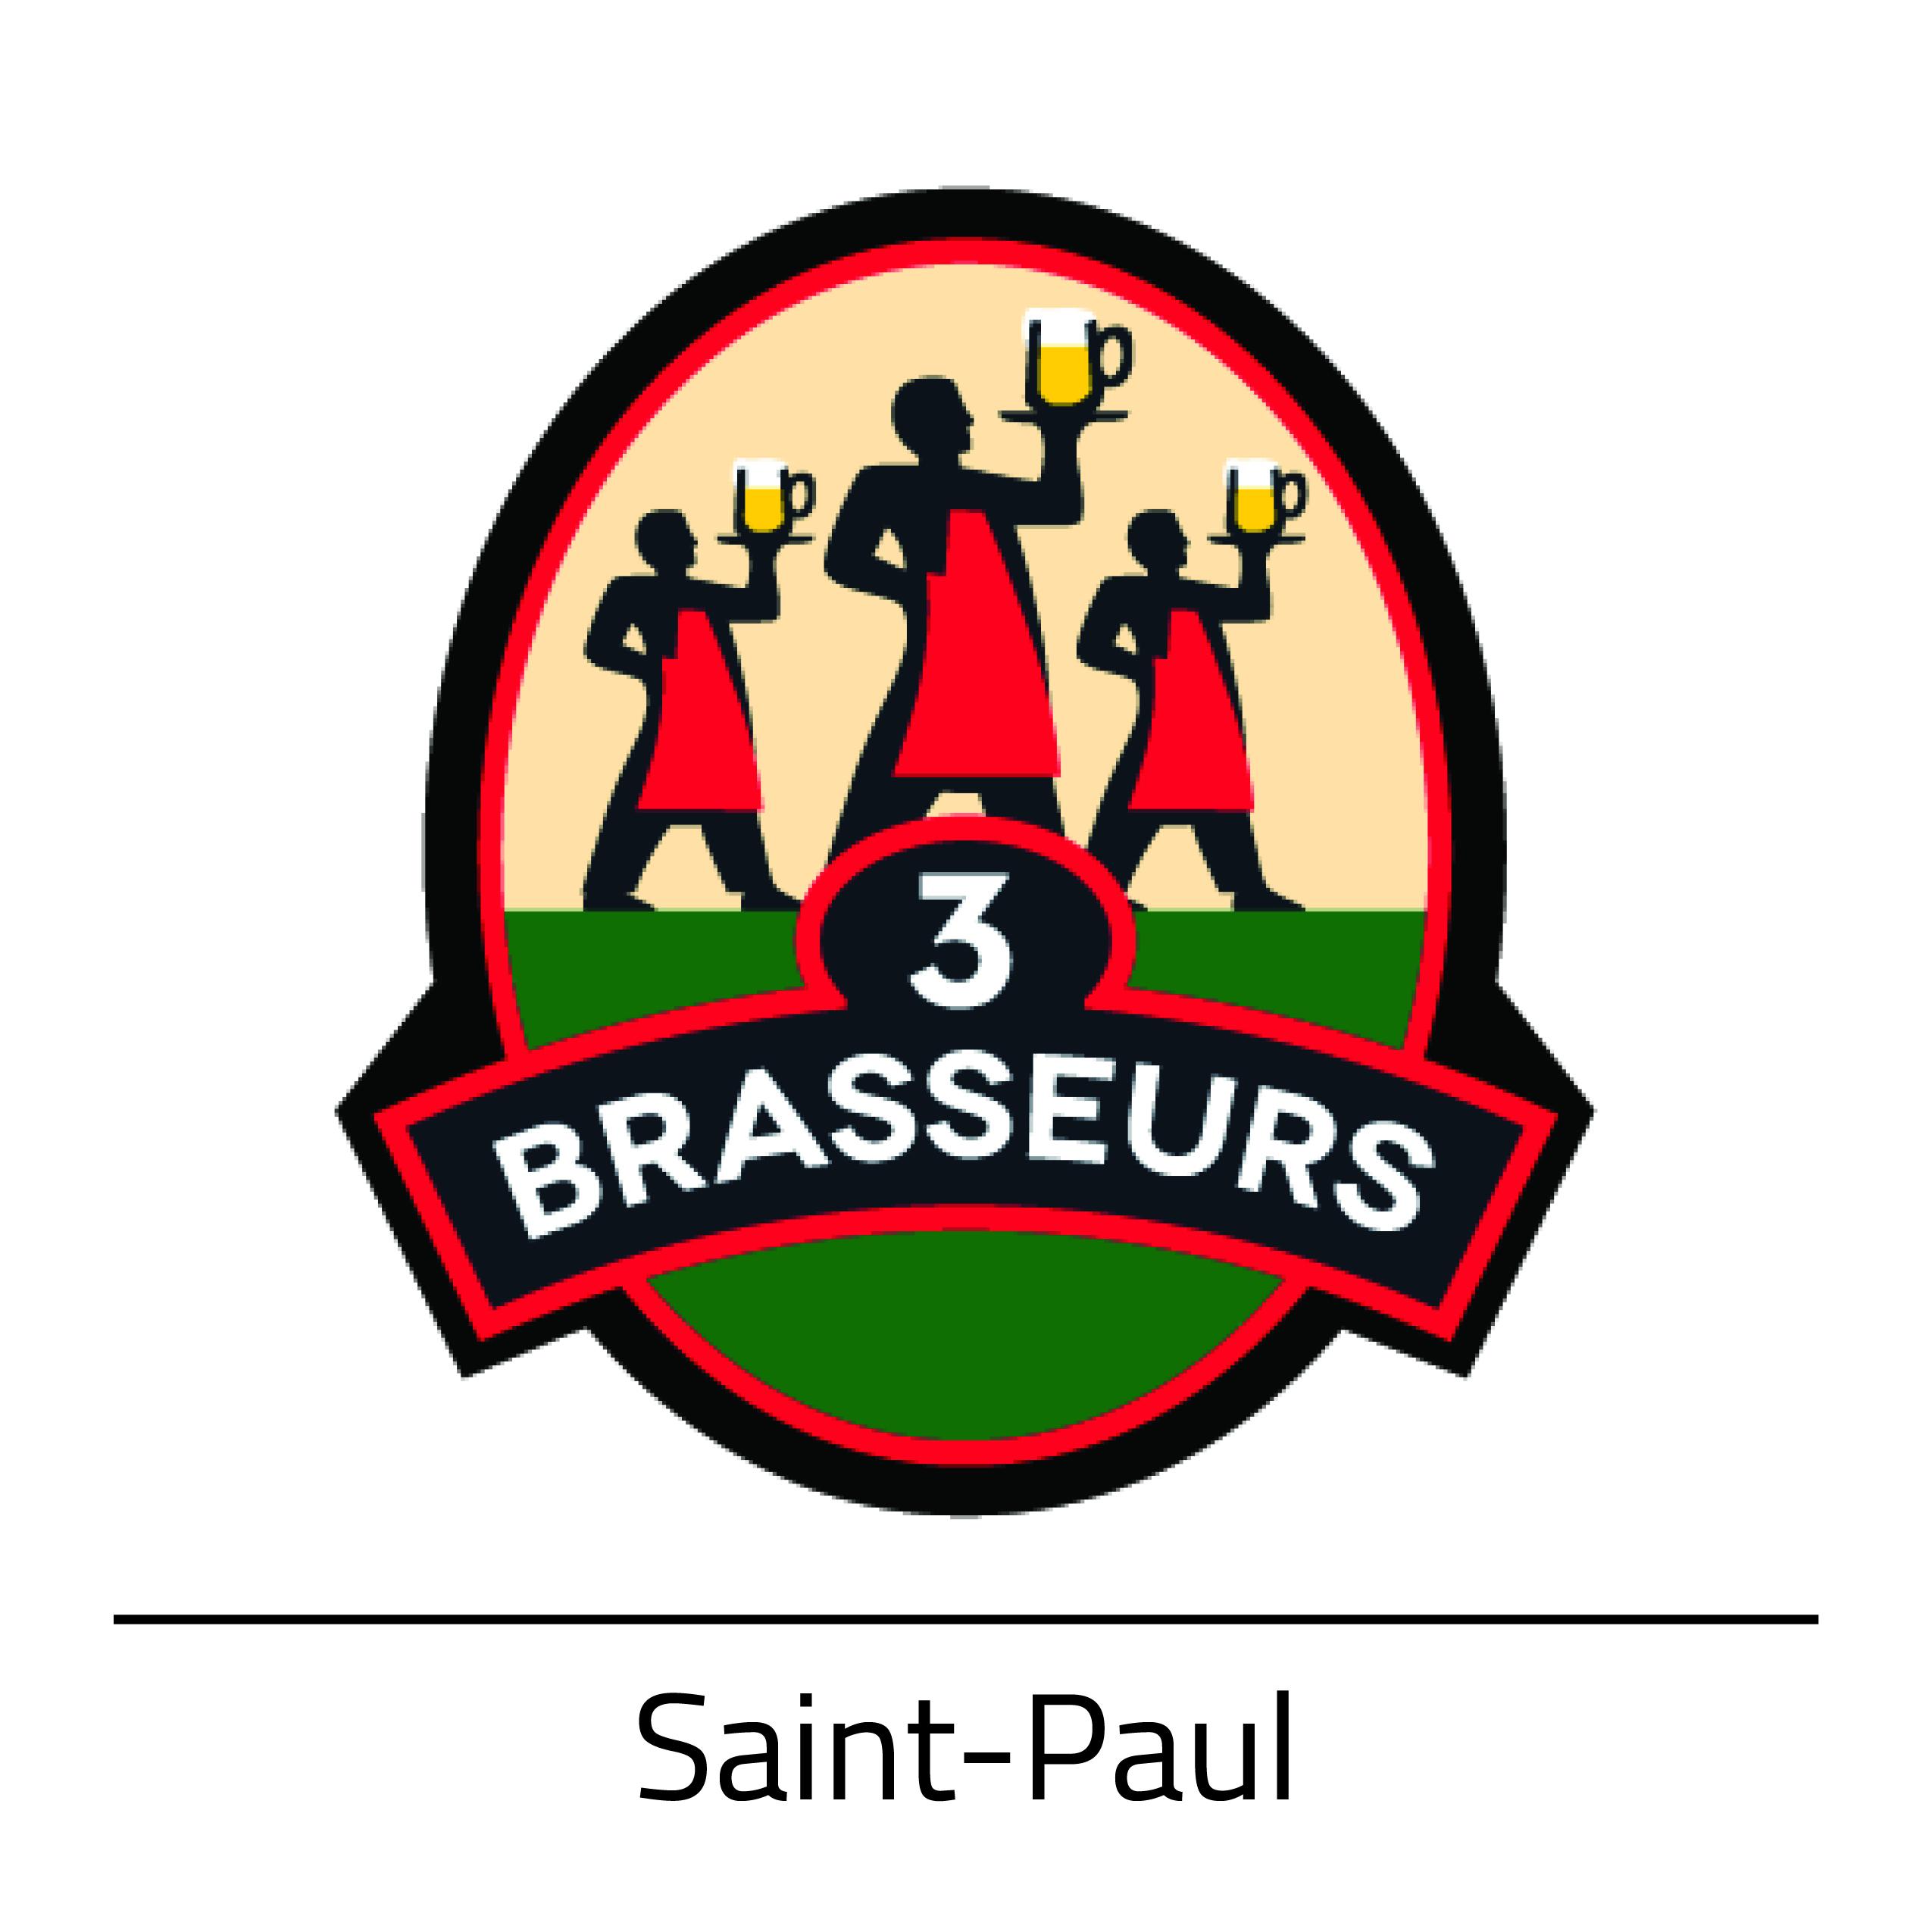 3 Brasseurs Saint-Paul